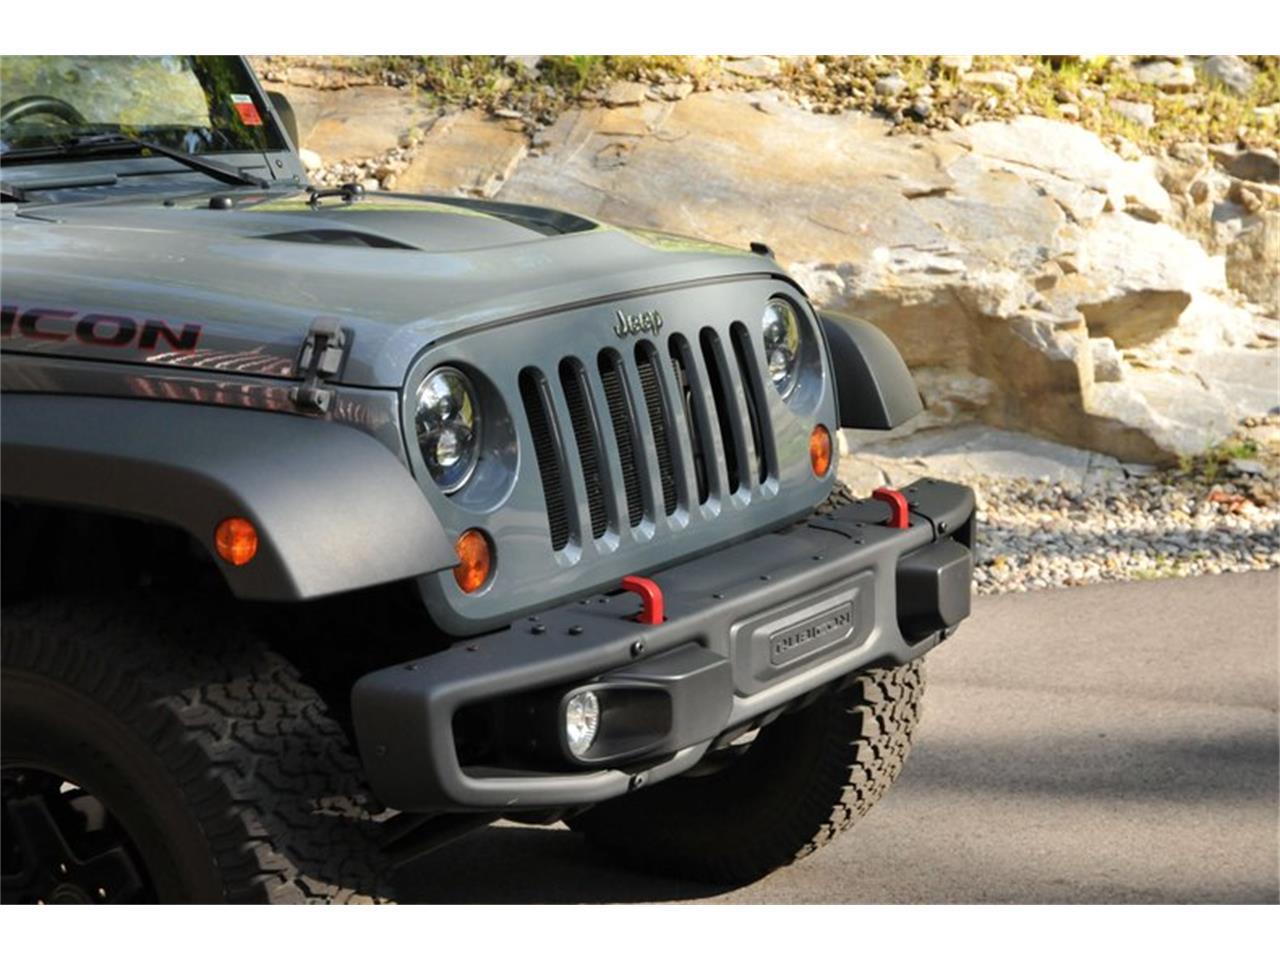 2013 Jeep Wrangler for Sale | ClassicCars com | CC-1252587